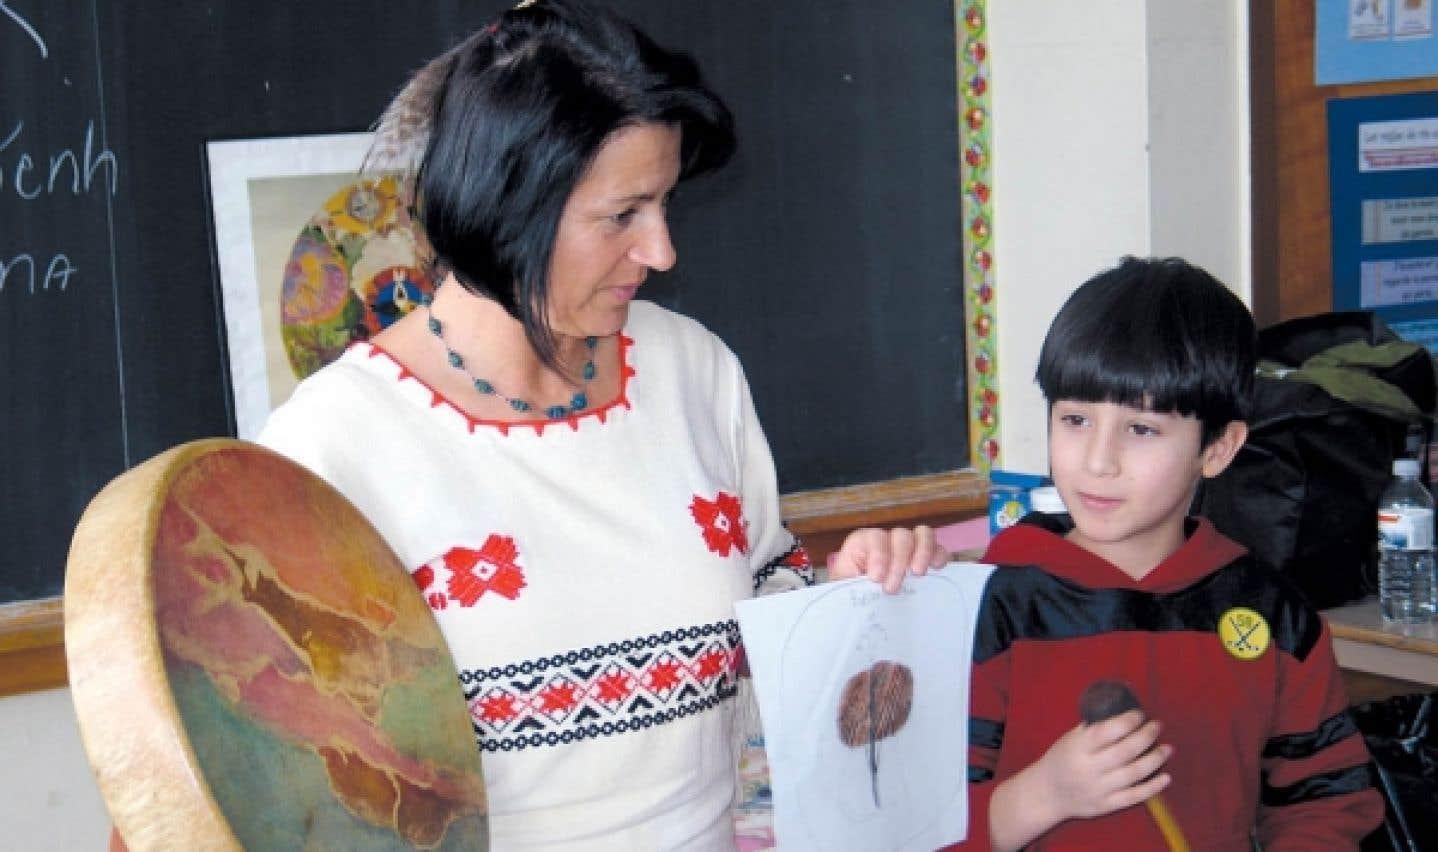 Au Musée de Lachine, Dolorès Contré a pour objectif d'initier les enfants aux modes de vie traditionnels des Iroquoiens et des Algonquiens.